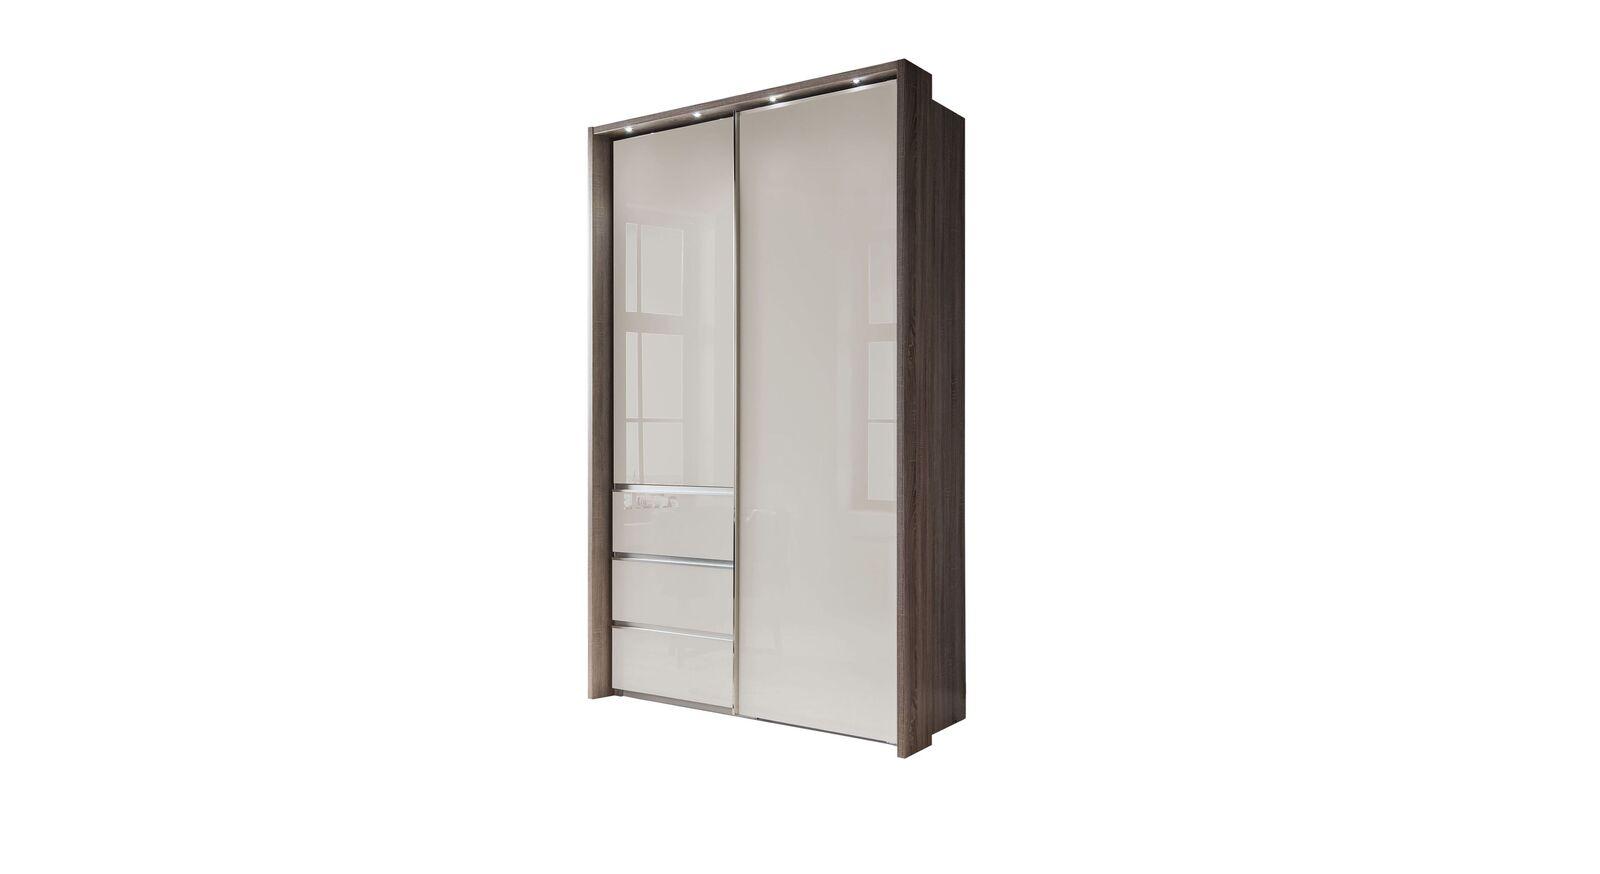 Moderner Schwebetüren-Kleiderschrank Tunica in 165 cm Breite